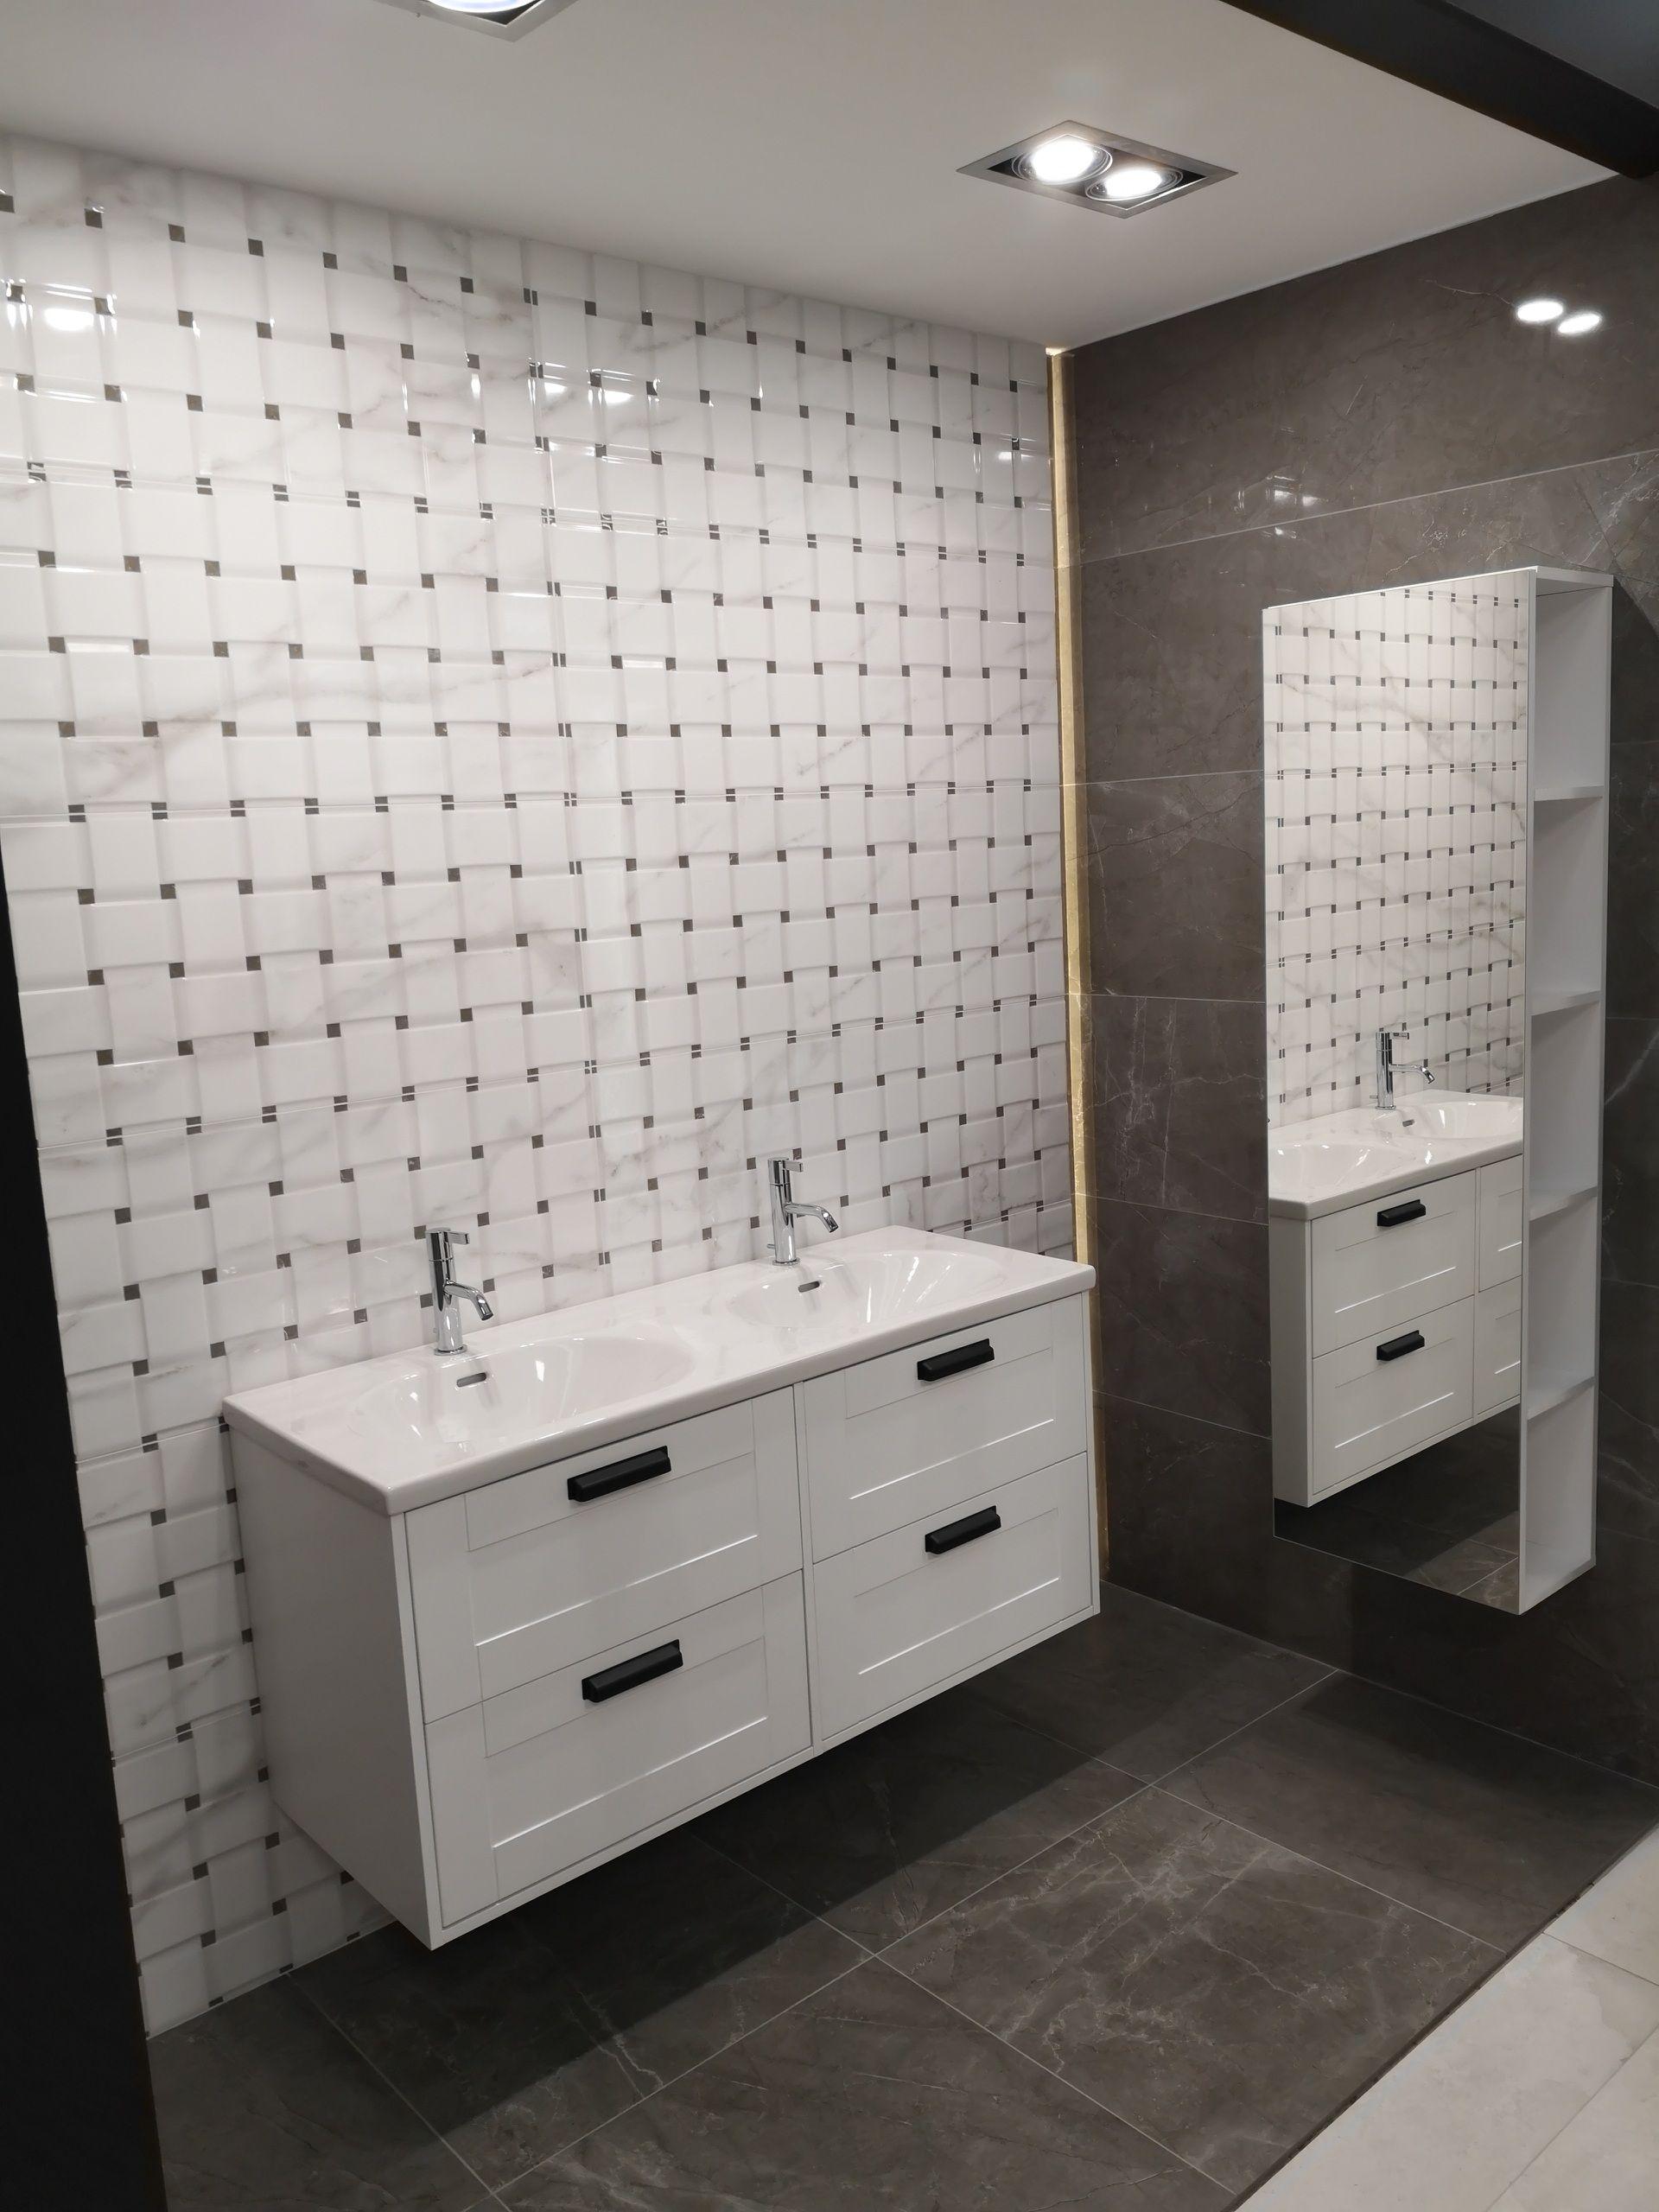 Ekspozycja W Domo Strefa Ul Domaniewska 37b 02 672 Warszawa Naszemeblenaszapasja Elitameble Elita Meblelazienkowe Vanity Double Vanity Bathroom Vanity